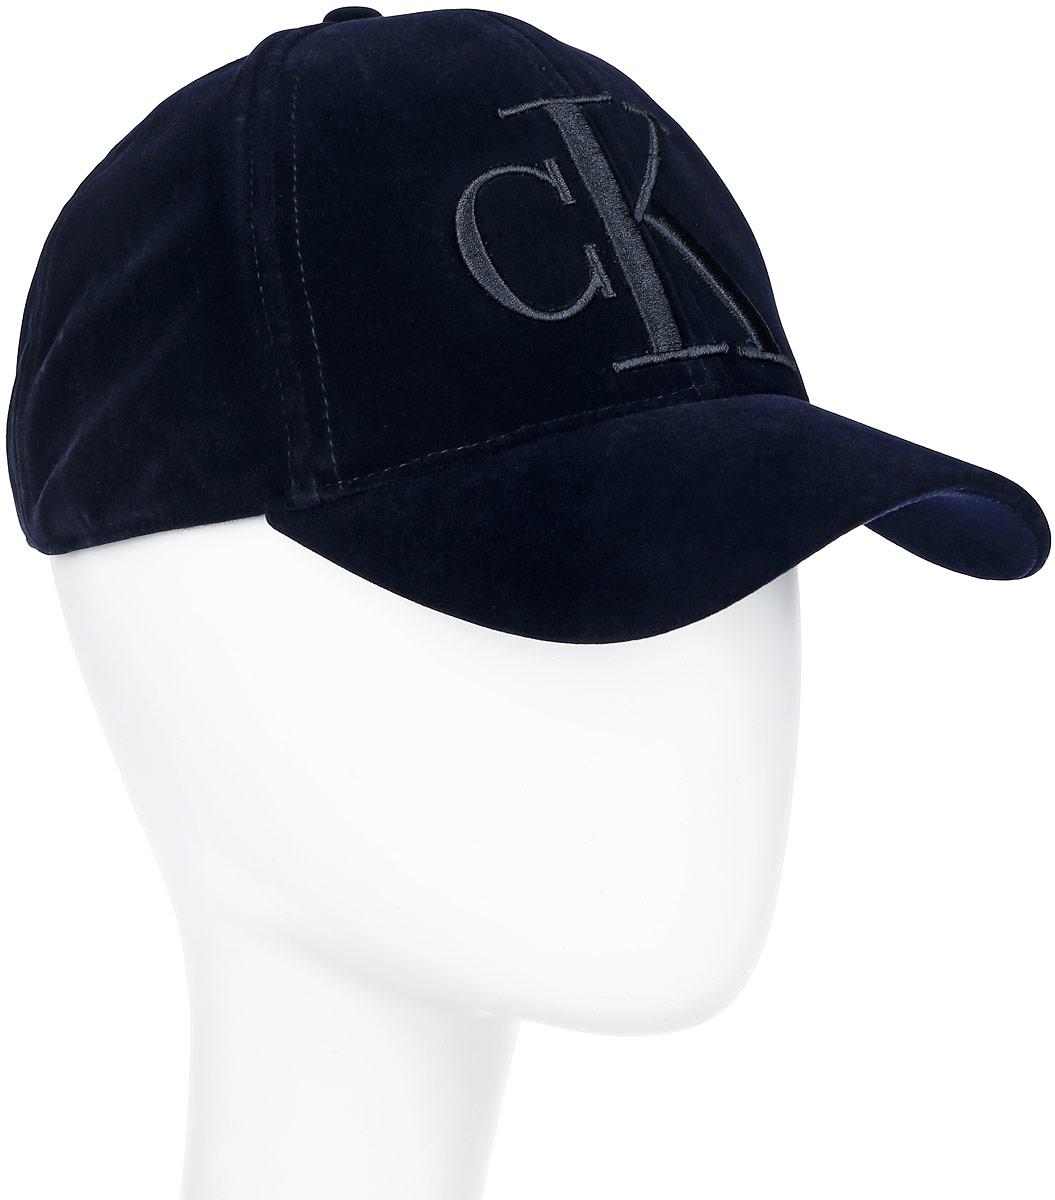 Бейсболка женская Calvin Klein Jeans, цвет: темно-синий. J20J200912. Размер универсальный500877_60Стильная женская бейсболка Calvin Klein, изготовленная из высококачественного полиэстера на подкладке из 100% хлопка, идеально подойдет для активного отдыха и обеспечит надежную защиту головы от солнца. Бейсболка оформлена оригинальным принтом в виде логотипа бренда и дополнена металлической пластиной с названием бренда.Объем изделия регулируется благодаря застежке.